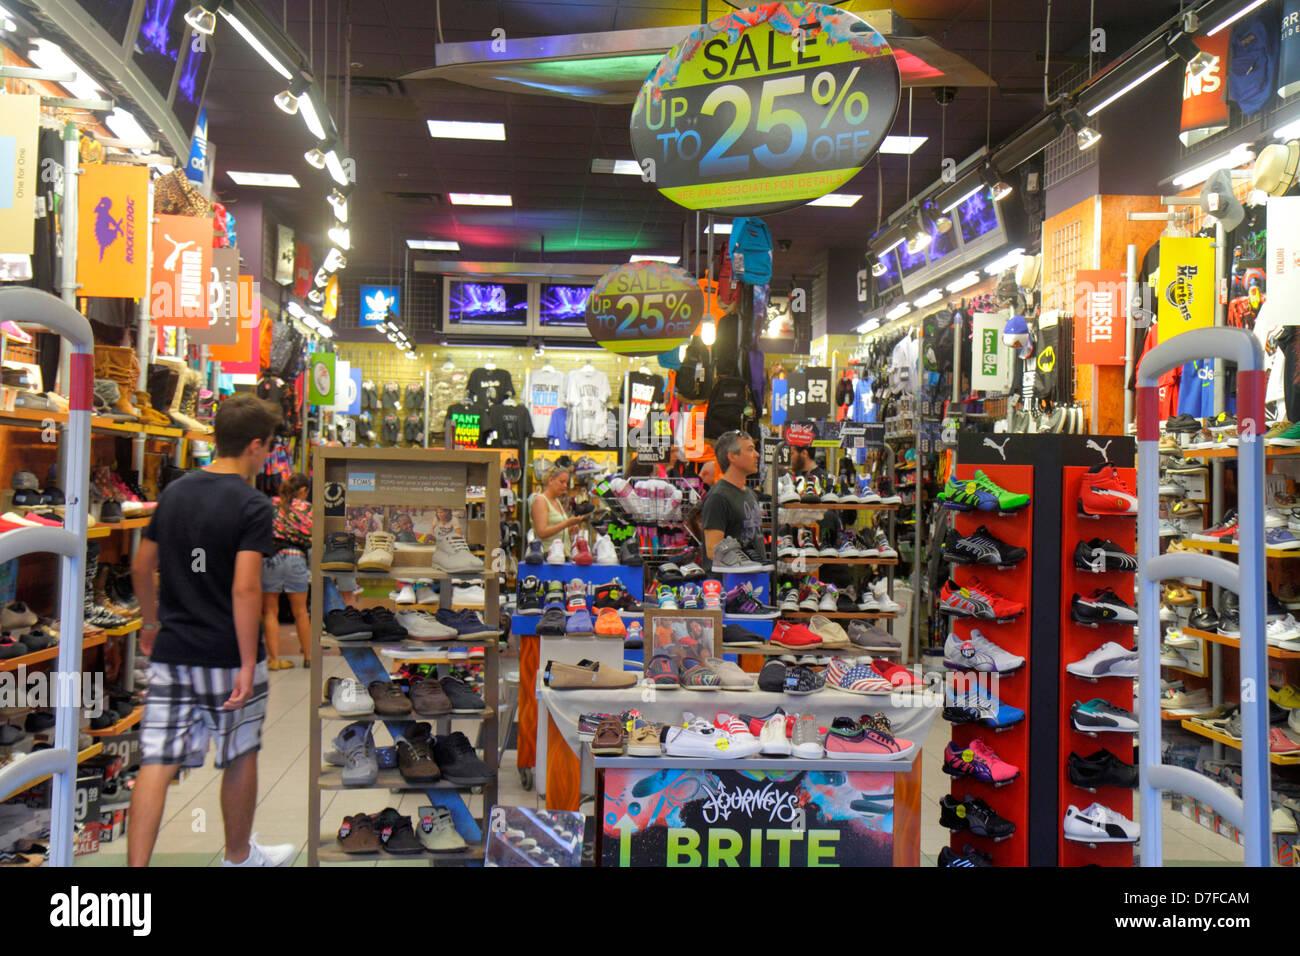 98d33a1ea7f6d Miami Beach Florida Lincoln Road Mall pedonale shopping scarpe da  ginnastica display retail per la vendita